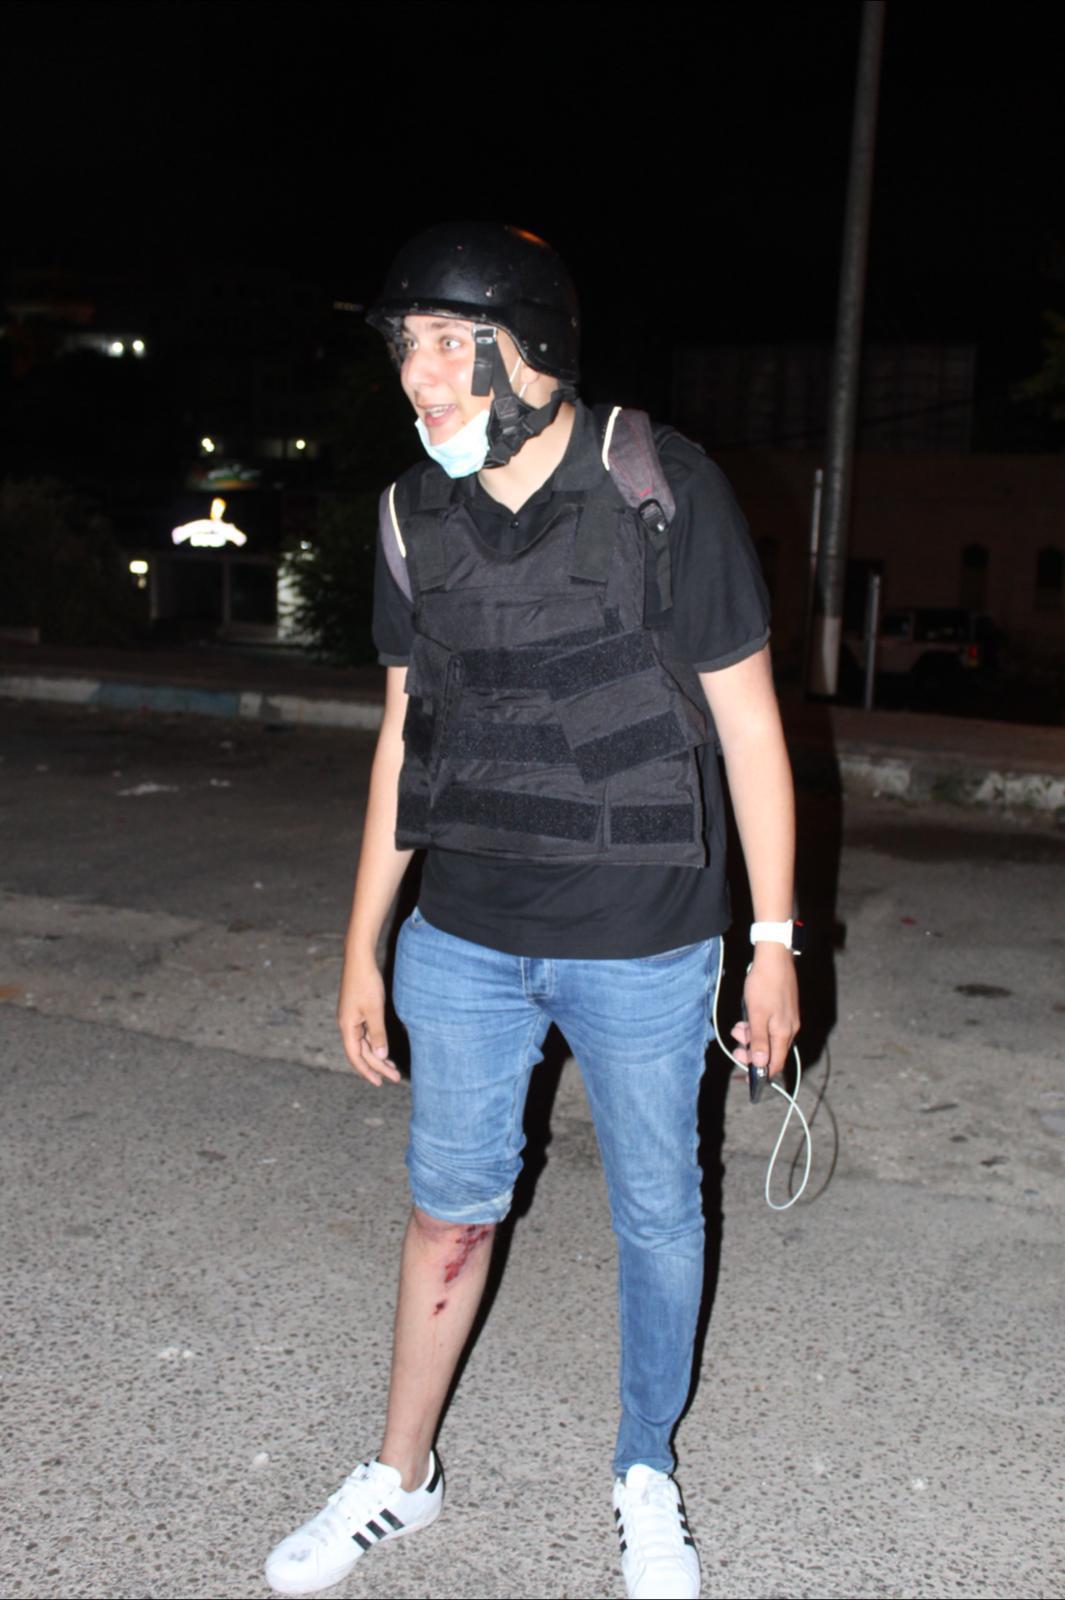 37 حالة اعتداء واعتقال وتضييقات على الصحافيين بالداخل